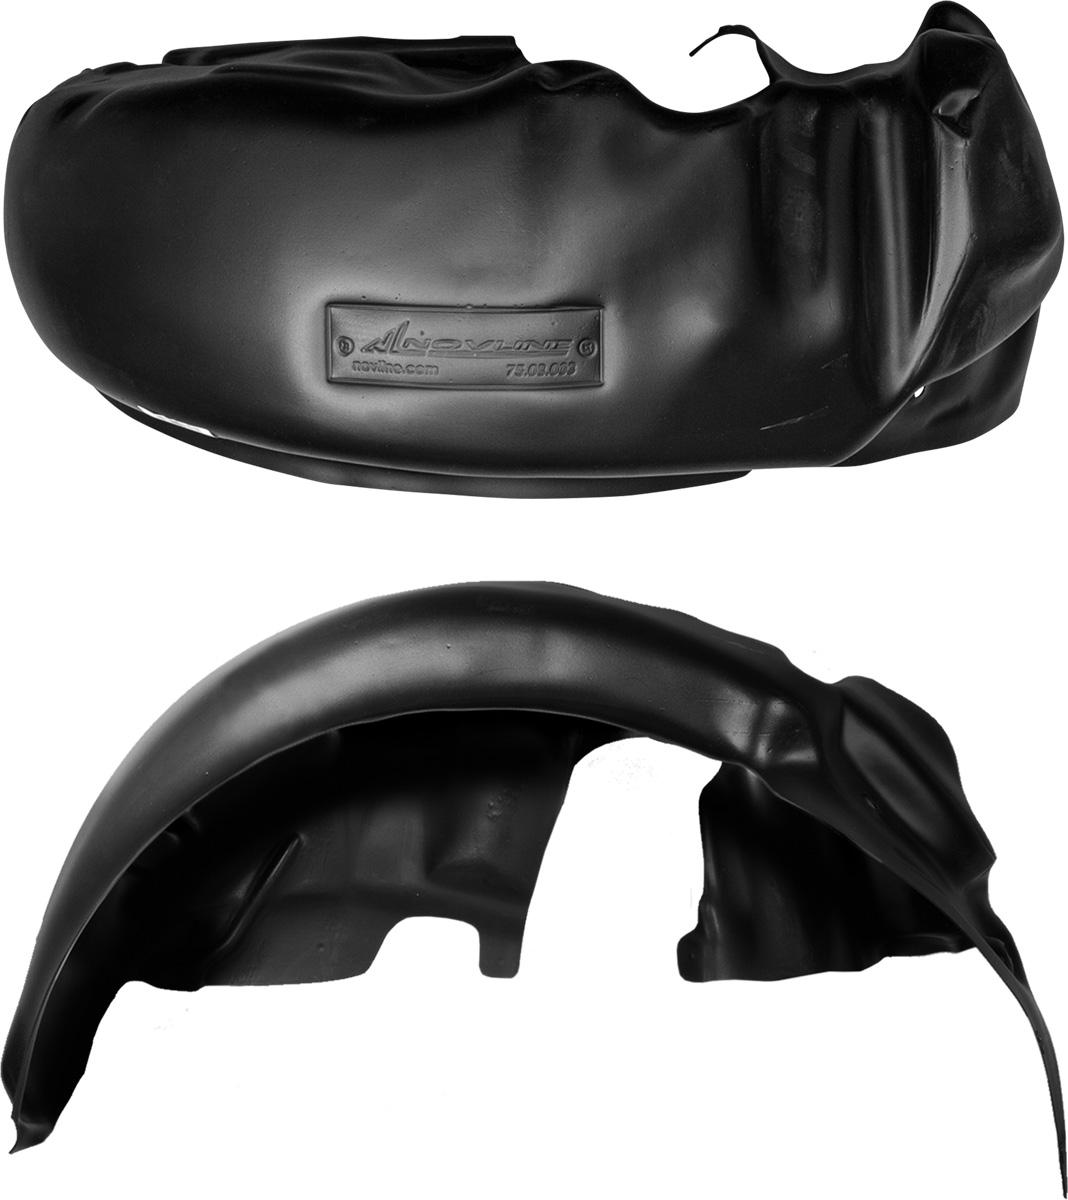 Подкрылок Novline-Autofamily, для Lada Priora 2007 ->, передний левыйIRK-503Колесные ниши - одни из самых уязвимых зон днища вашего автомобиля. Они постоянно подвергаются воздействию со стороны дороги. Лучшая, почти абсолютная защита для них - специально отформованные пластиковые кожухи, которые называются подкрылками. Производятся они как для отечественных моделей автомобилей, так и для иномарок. Подкрылки Novline-Autofamily выполнены из высококачественного, экологически чистого пластика. Обеспечивают надежную защиту кузова автомобиля от пескоструйного эффекта и негативного влияния, агрессивных антигололедных реагентов. Пластик обладает более низкой теплопроводностью, чем металл, поэтому в зимний период эксплуатации использование пластиковых подкрылков позволяет лучше защитить колесные ниши от налипания снега и образования наледи. Оригинальность конструкции подчеркивает элегантность автомобиля, бережно защищает нанесенное на днище кузова антикоррозийное покрытие и позволяет осуществить крепление подкрылков внутри колесной арки практически без дополнительного крепежа и сверления, не нарушая при этом лакокрасочного покрытия, что предотвращает возникновение новых очагов коррозии. Подкрылки долговечны, обладают высокой прочностью и сохраняют заданную форму, а также все свои физико-механические характеристики в самых тяжелых климатических условиях (от -50°С до +50°С).Уважаемые клиенты!Обращаем ваше внимание, на тот факт, что подкрылок имеет форму, соответствующую модели данного автомобиля. Фото служит для визуального восприятия товара.